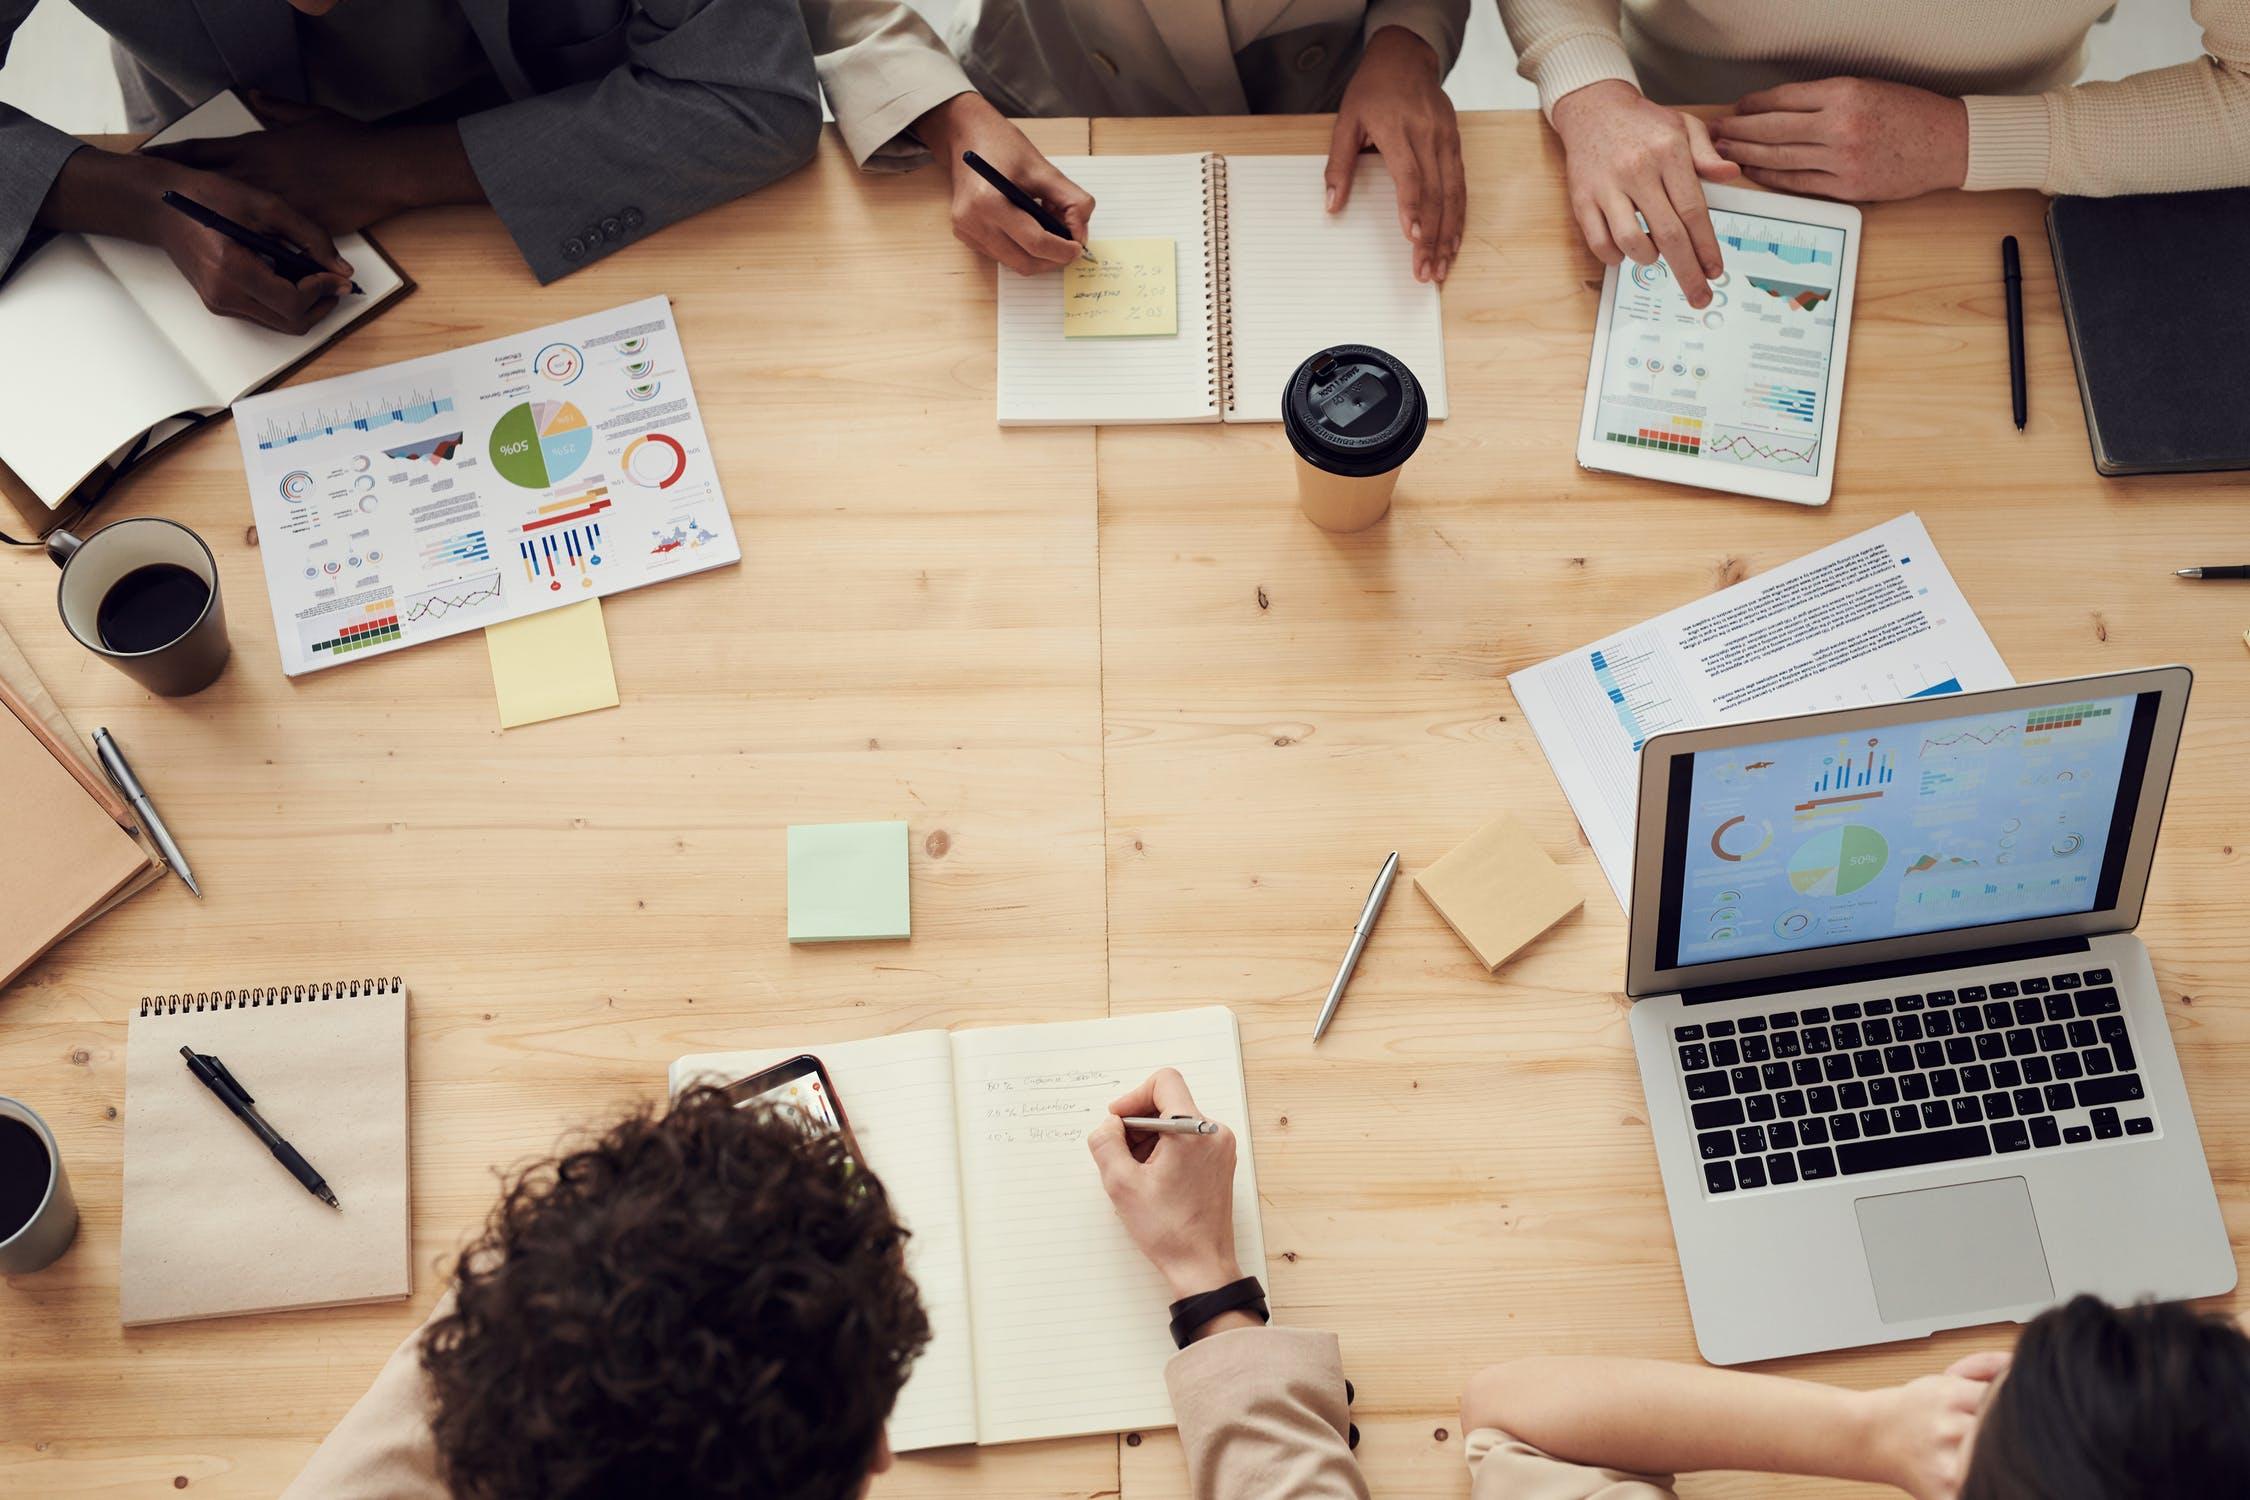 Le smarketing, ou comment aligner les équipes commerciales et marketing autour d'objectifs communs